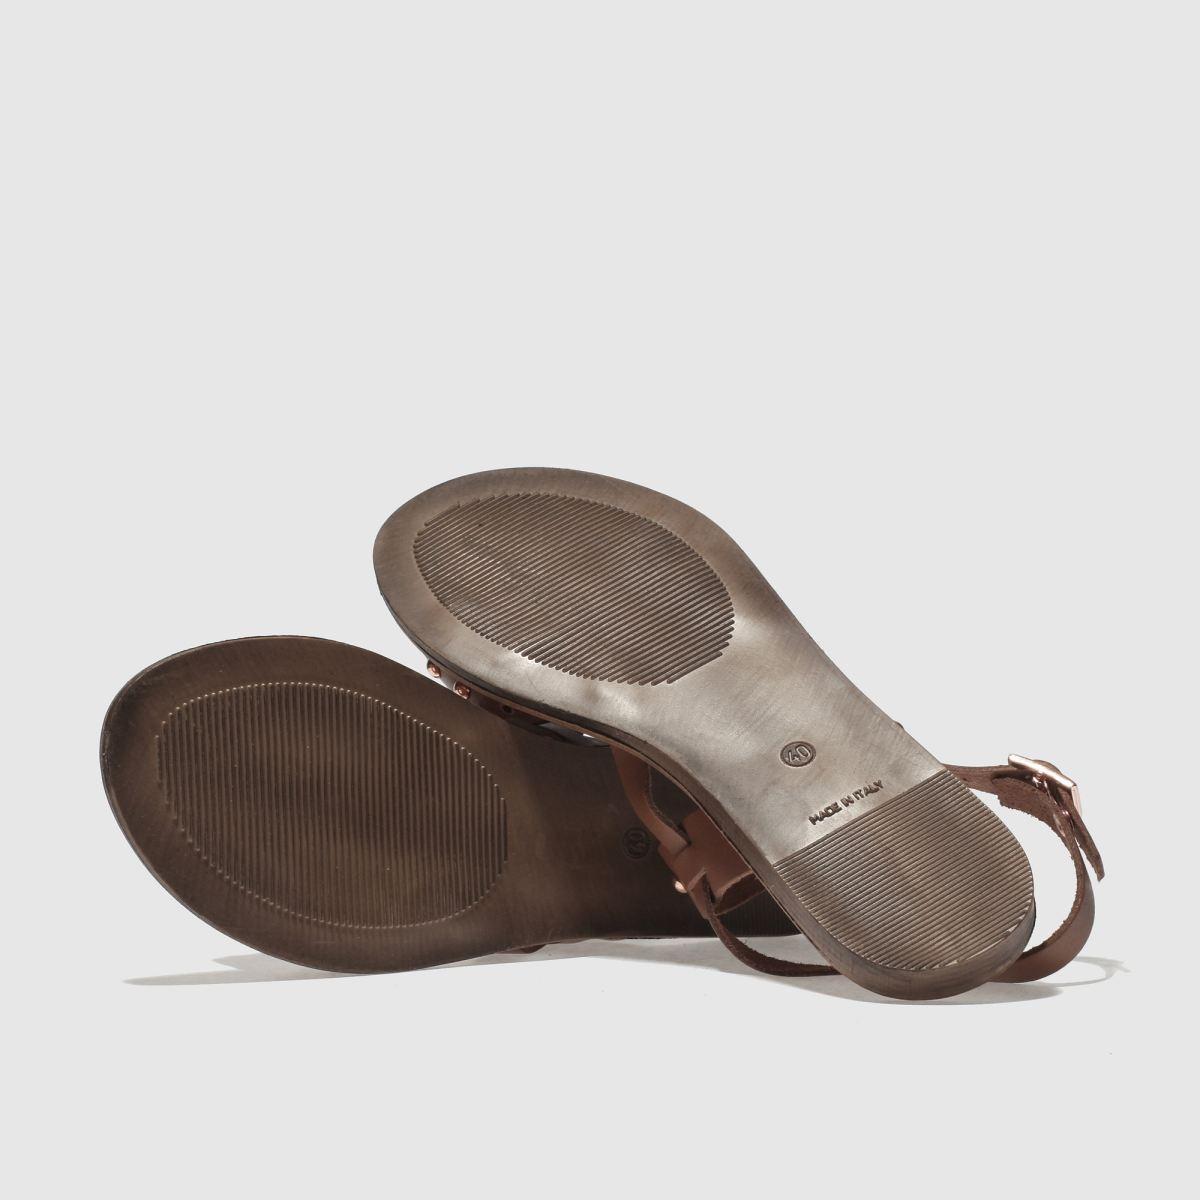 Damen Hellbraun schuh Zante beliebte Sandalen | schuh Gute Qualität beliebte Zante Schuhe beeee3